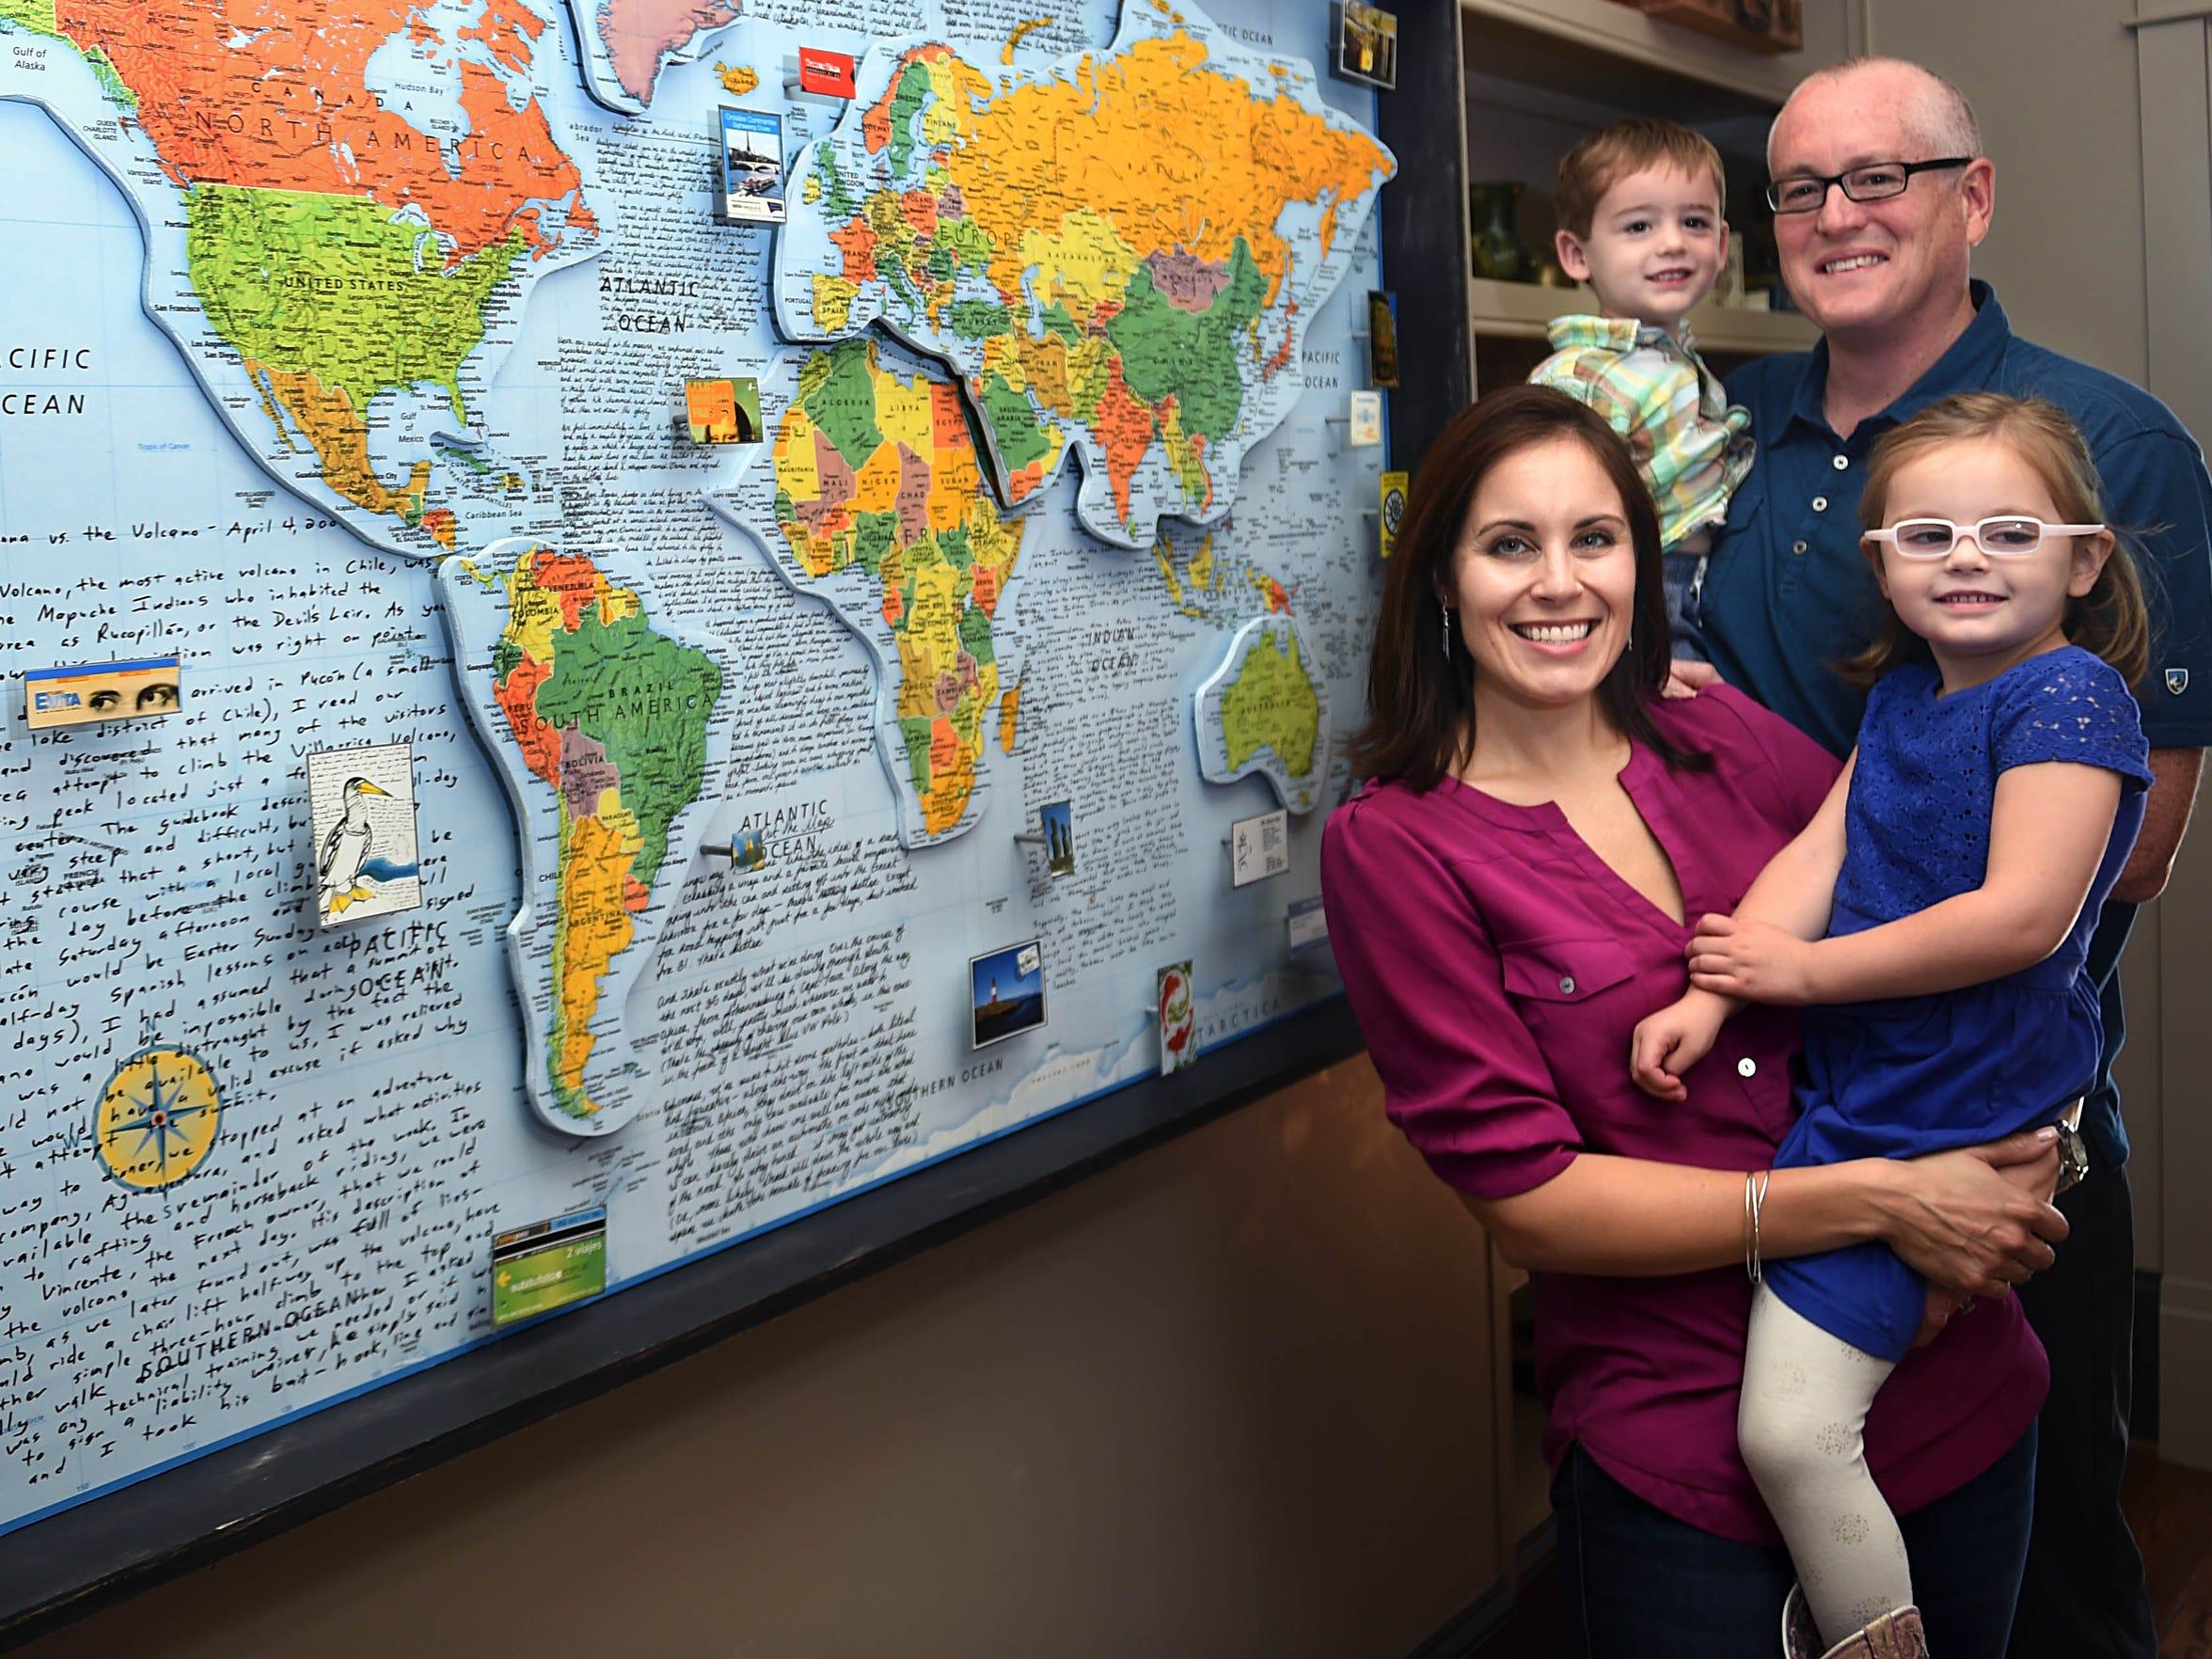 Shanna and Derek Hughey with their children Harper,4,